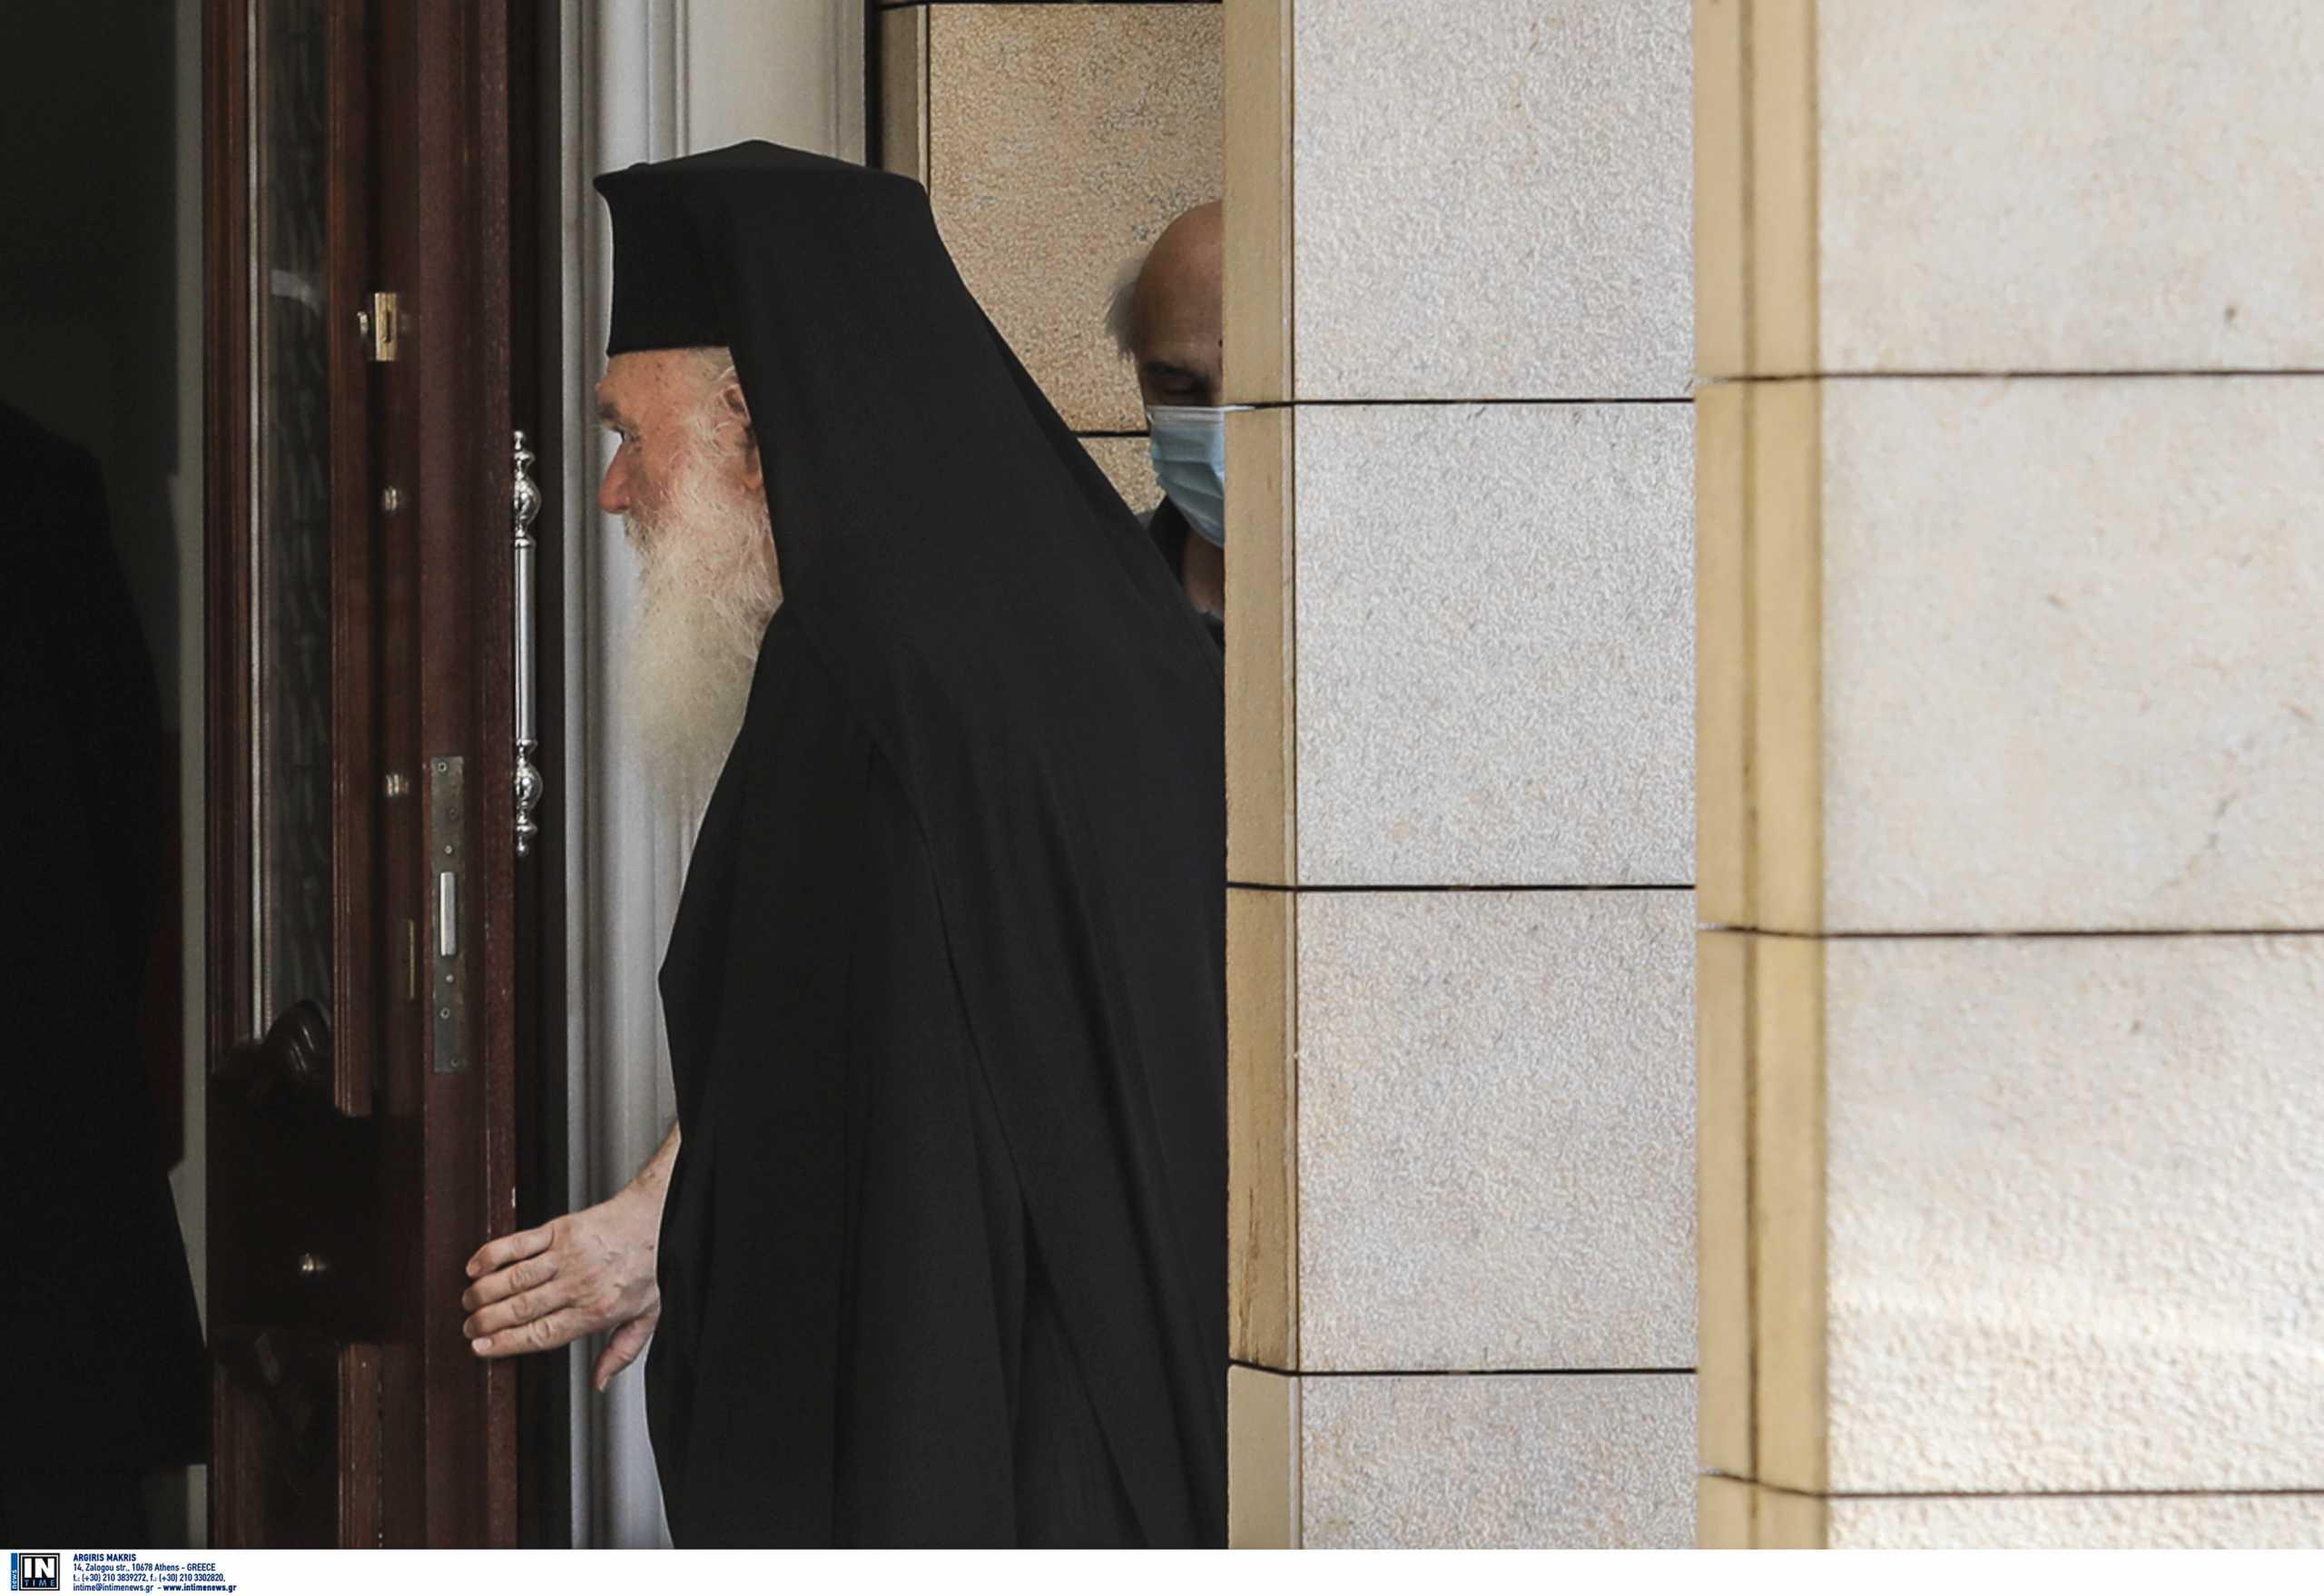 Ιερώνυμος για ιερέα: «Άλλο πράγμα η συγχώρεσις, άλλο πράγμα η Δικαιοσύνη»